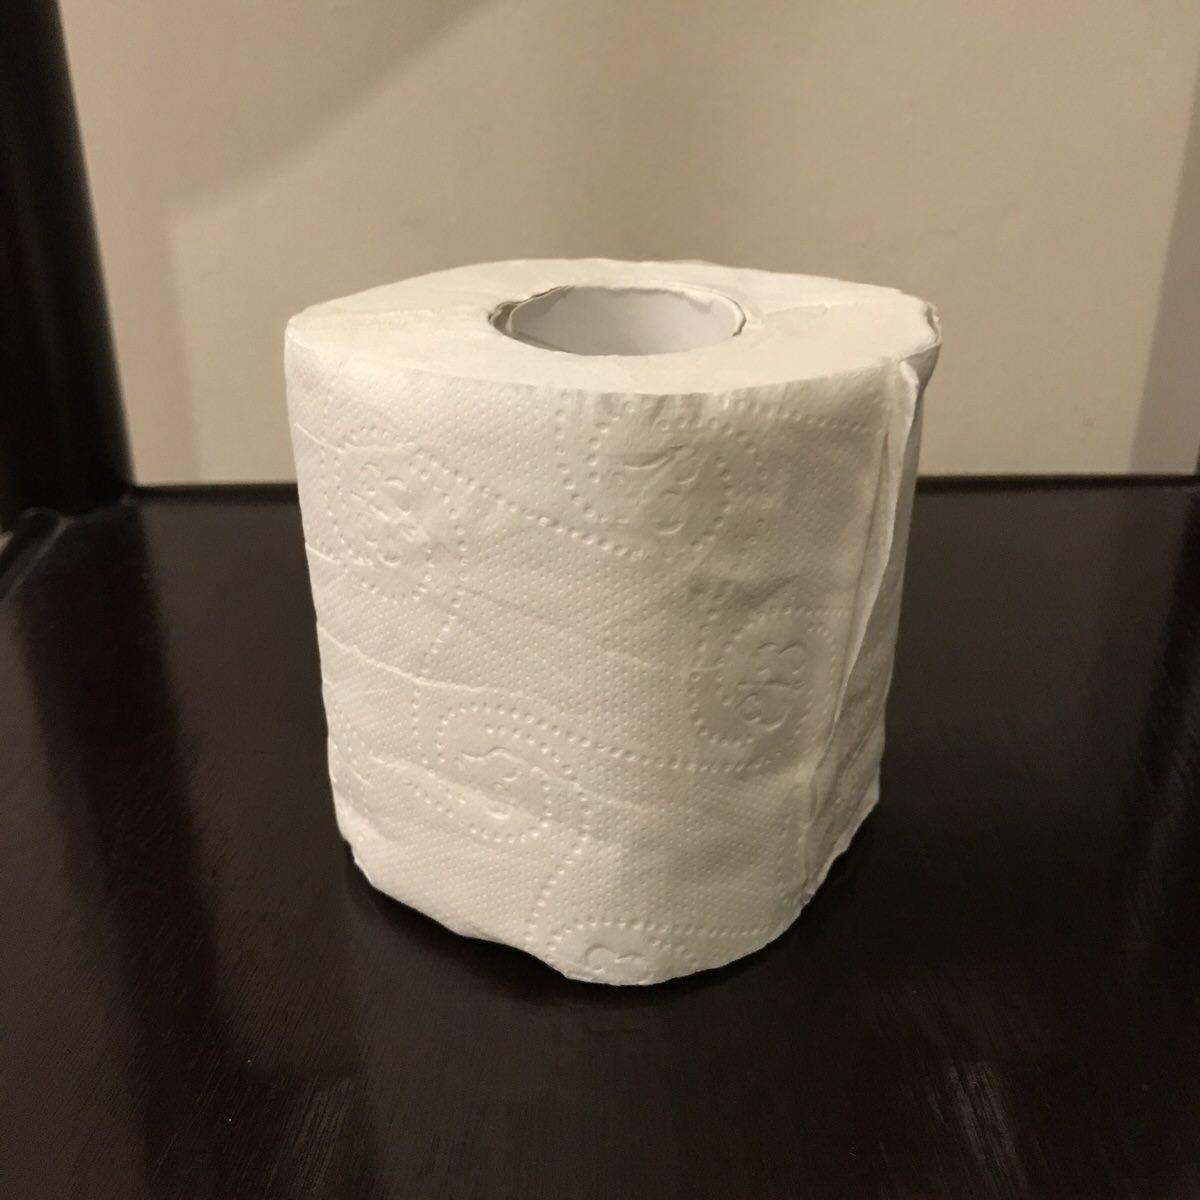 予想していなかったフィリピンのトイレ事情。トイレットペーパーは流せない?持ち歩く?【セブ英語留学日記】